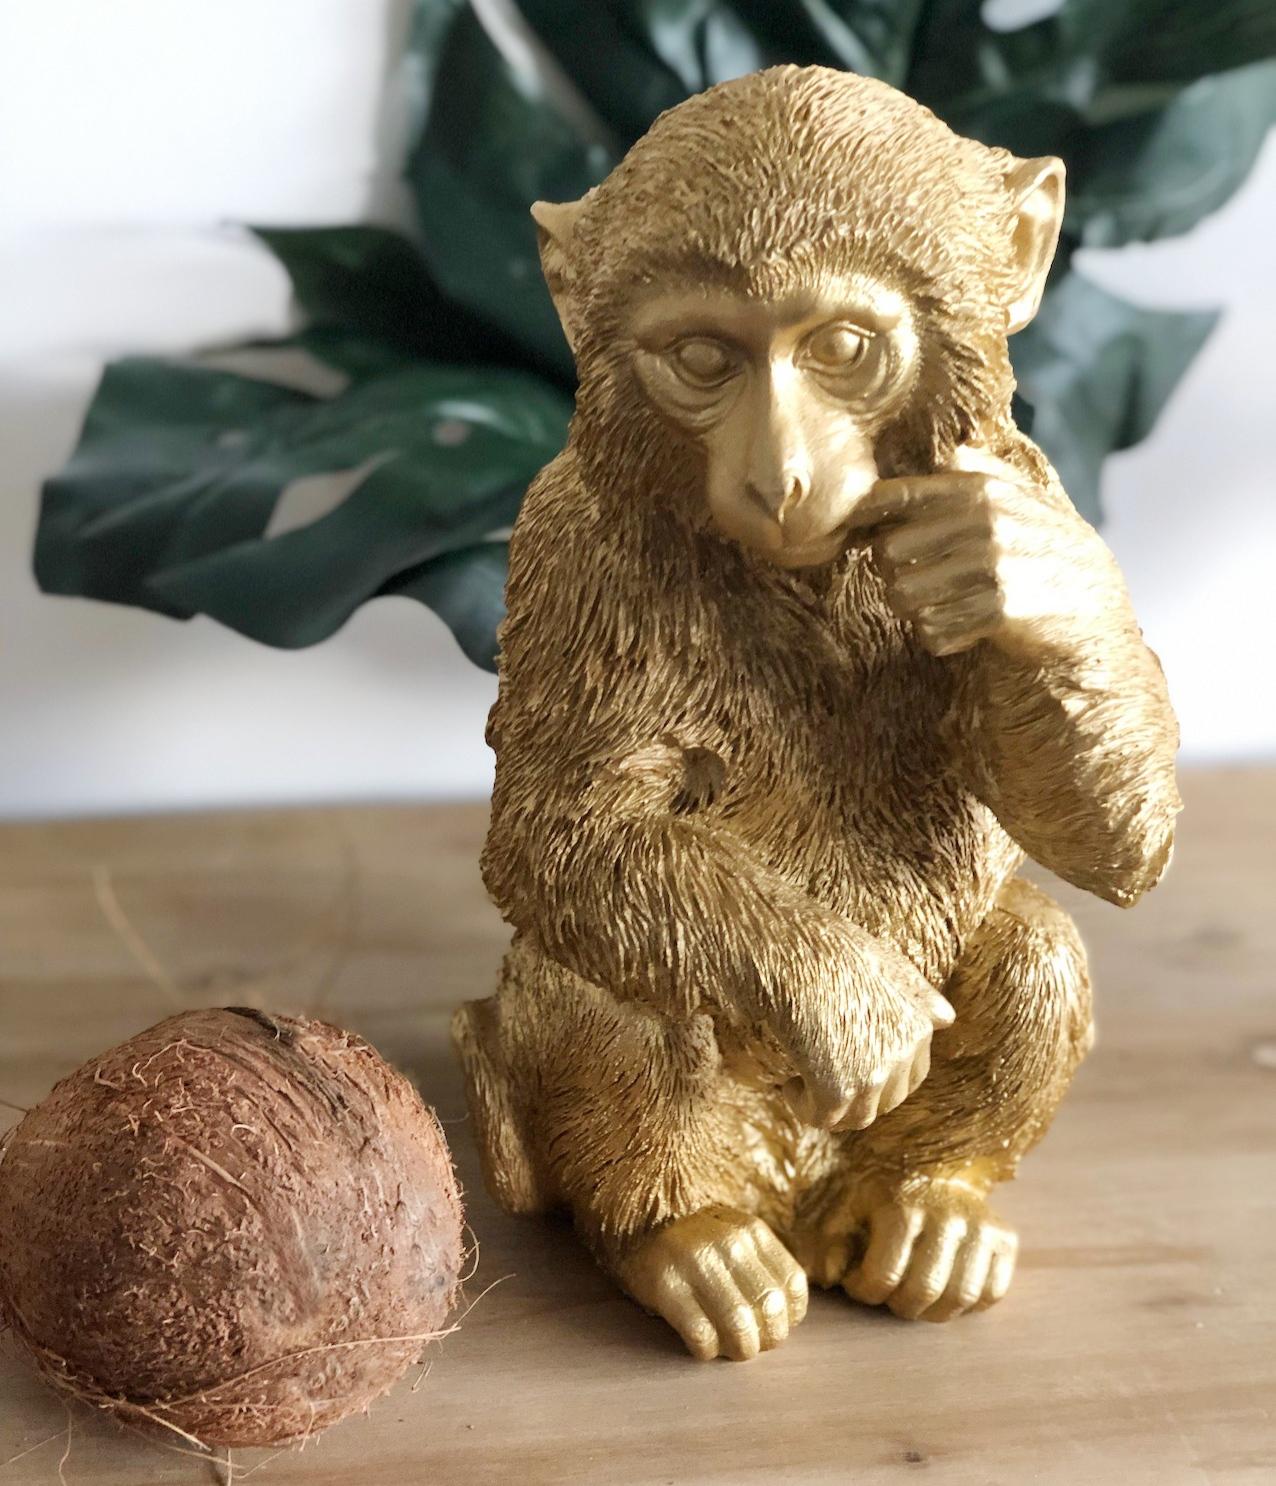 Affe aufblasbar Äffchen Figur Dschungel Urwald Party Deko Wasserspielzeug braun